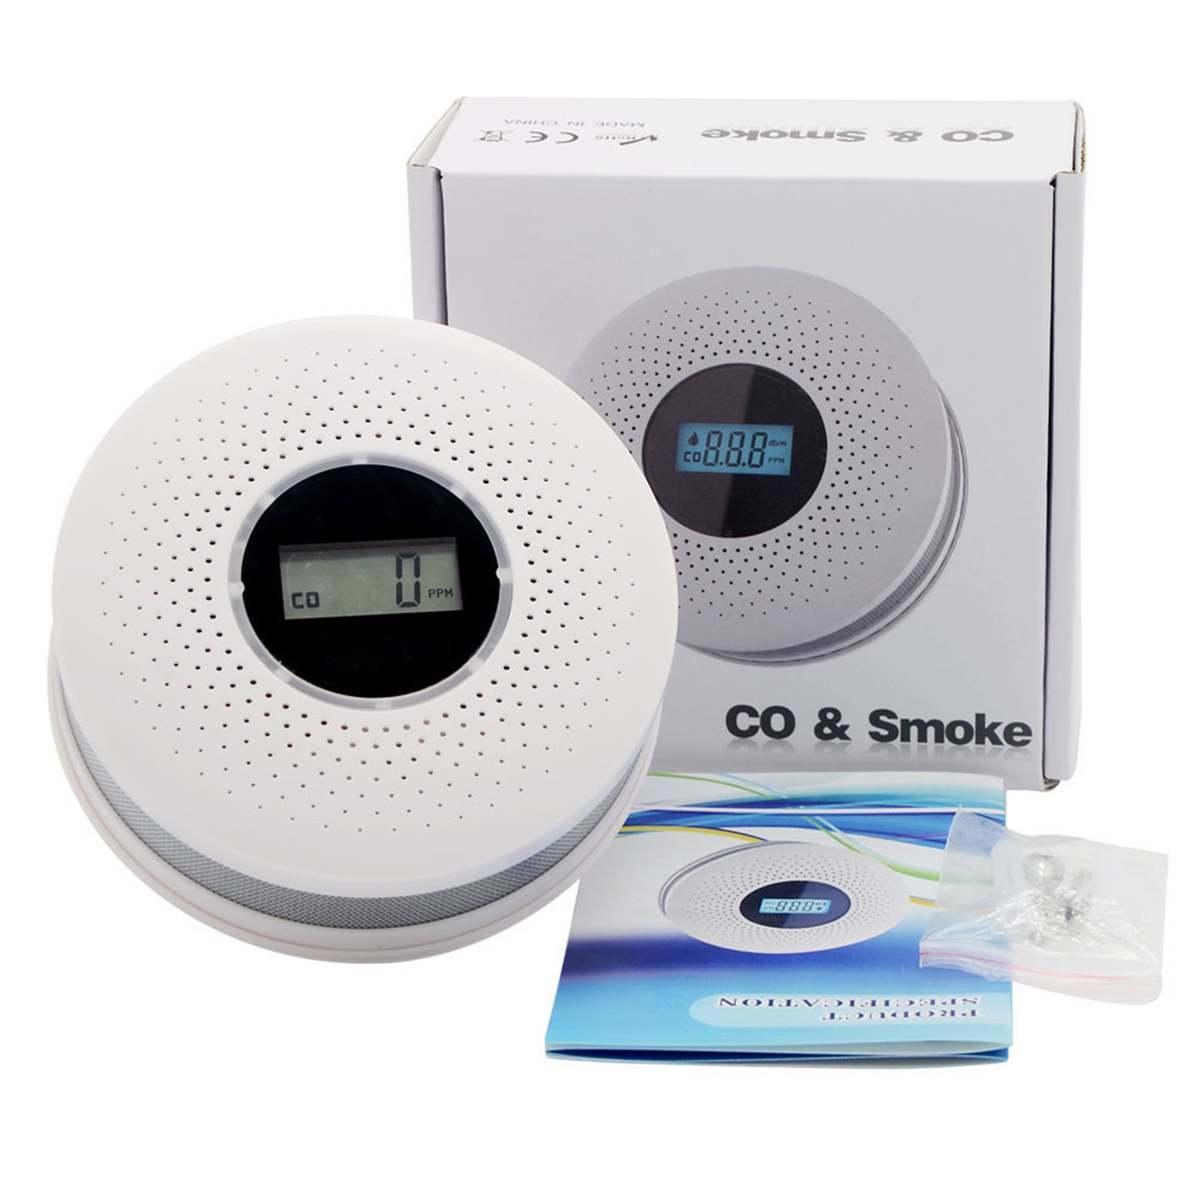 1台のLEDデジタル音声の警告の一酸化炭素検知管Coのガスの漏出アラームセンサーに付き2台